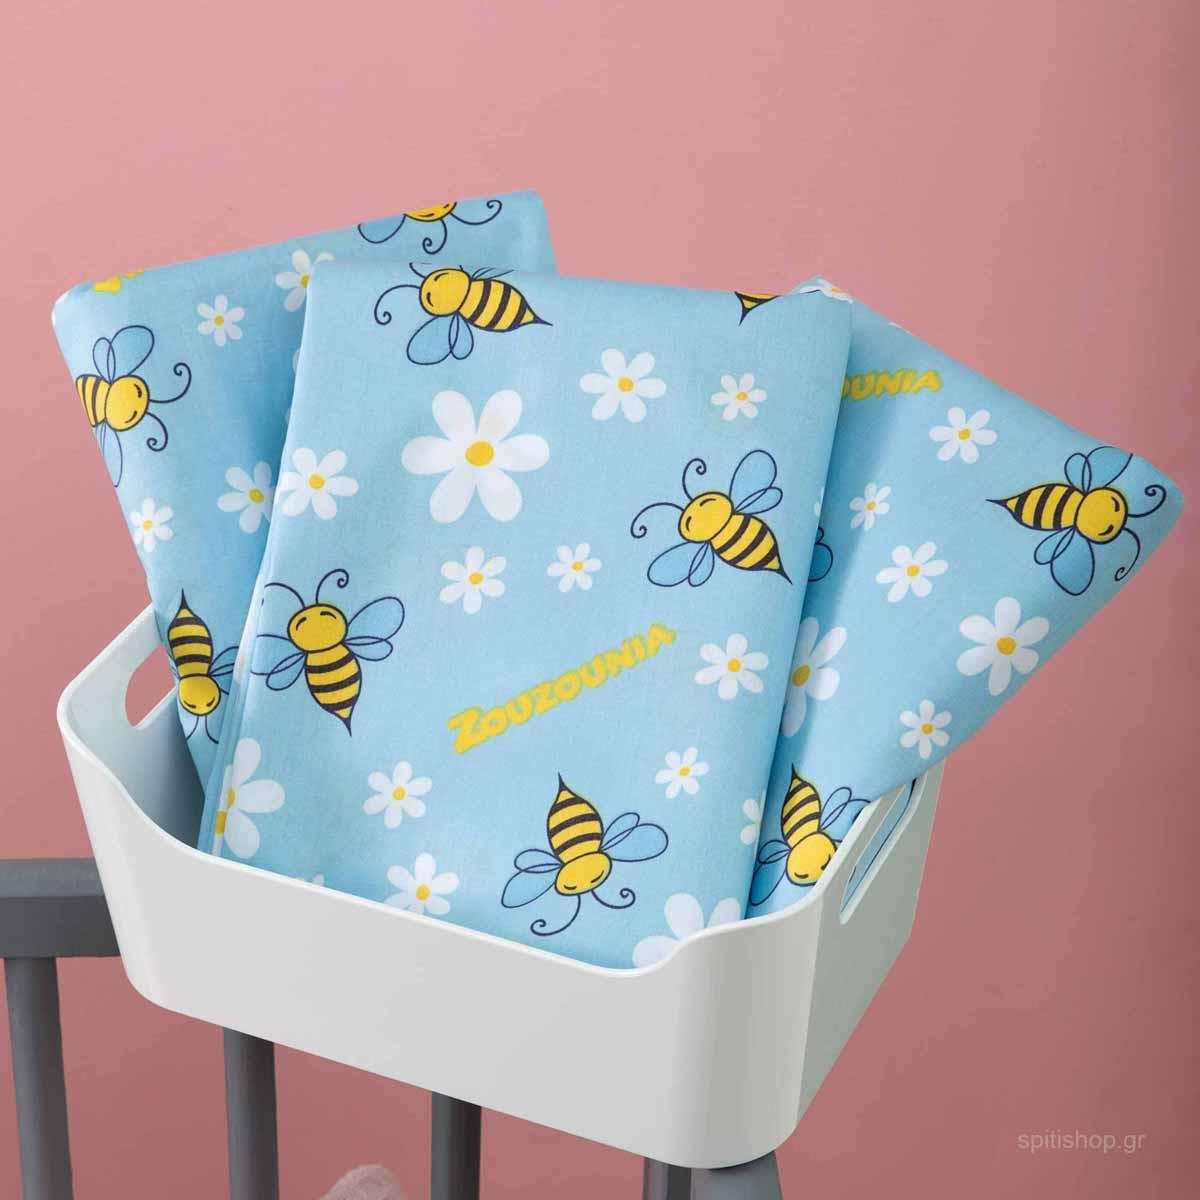 Σεντόνια Κούνιας 3τμχ Zouzounia Μέλισσα 131